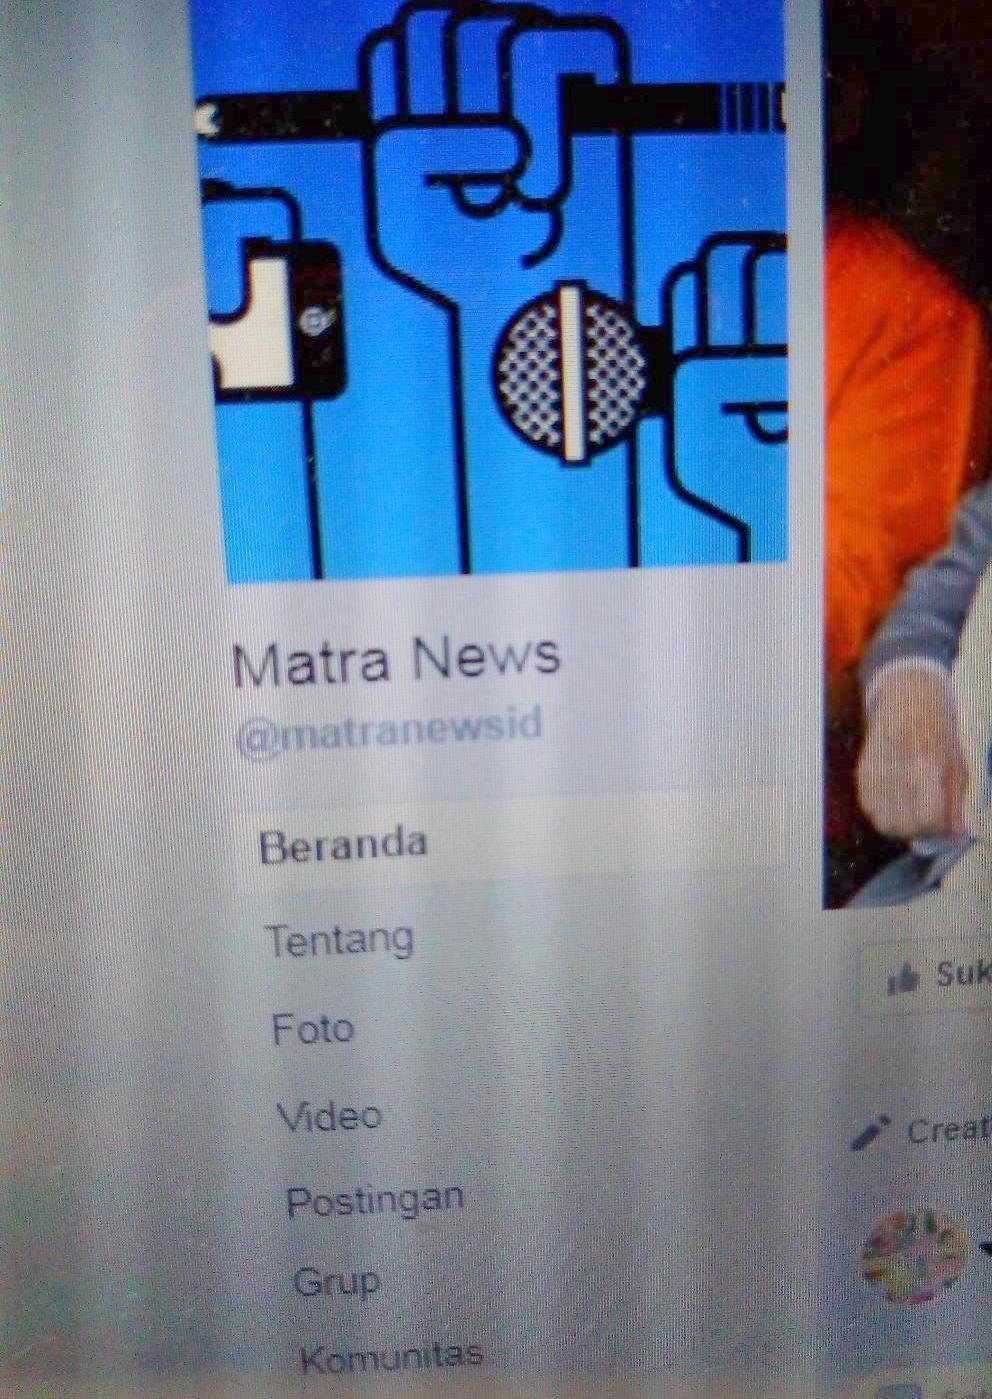 Akun Buzzer FB Matra News tak ada hubungannya dengan Majalah MATRA dan MATRANEWS.id